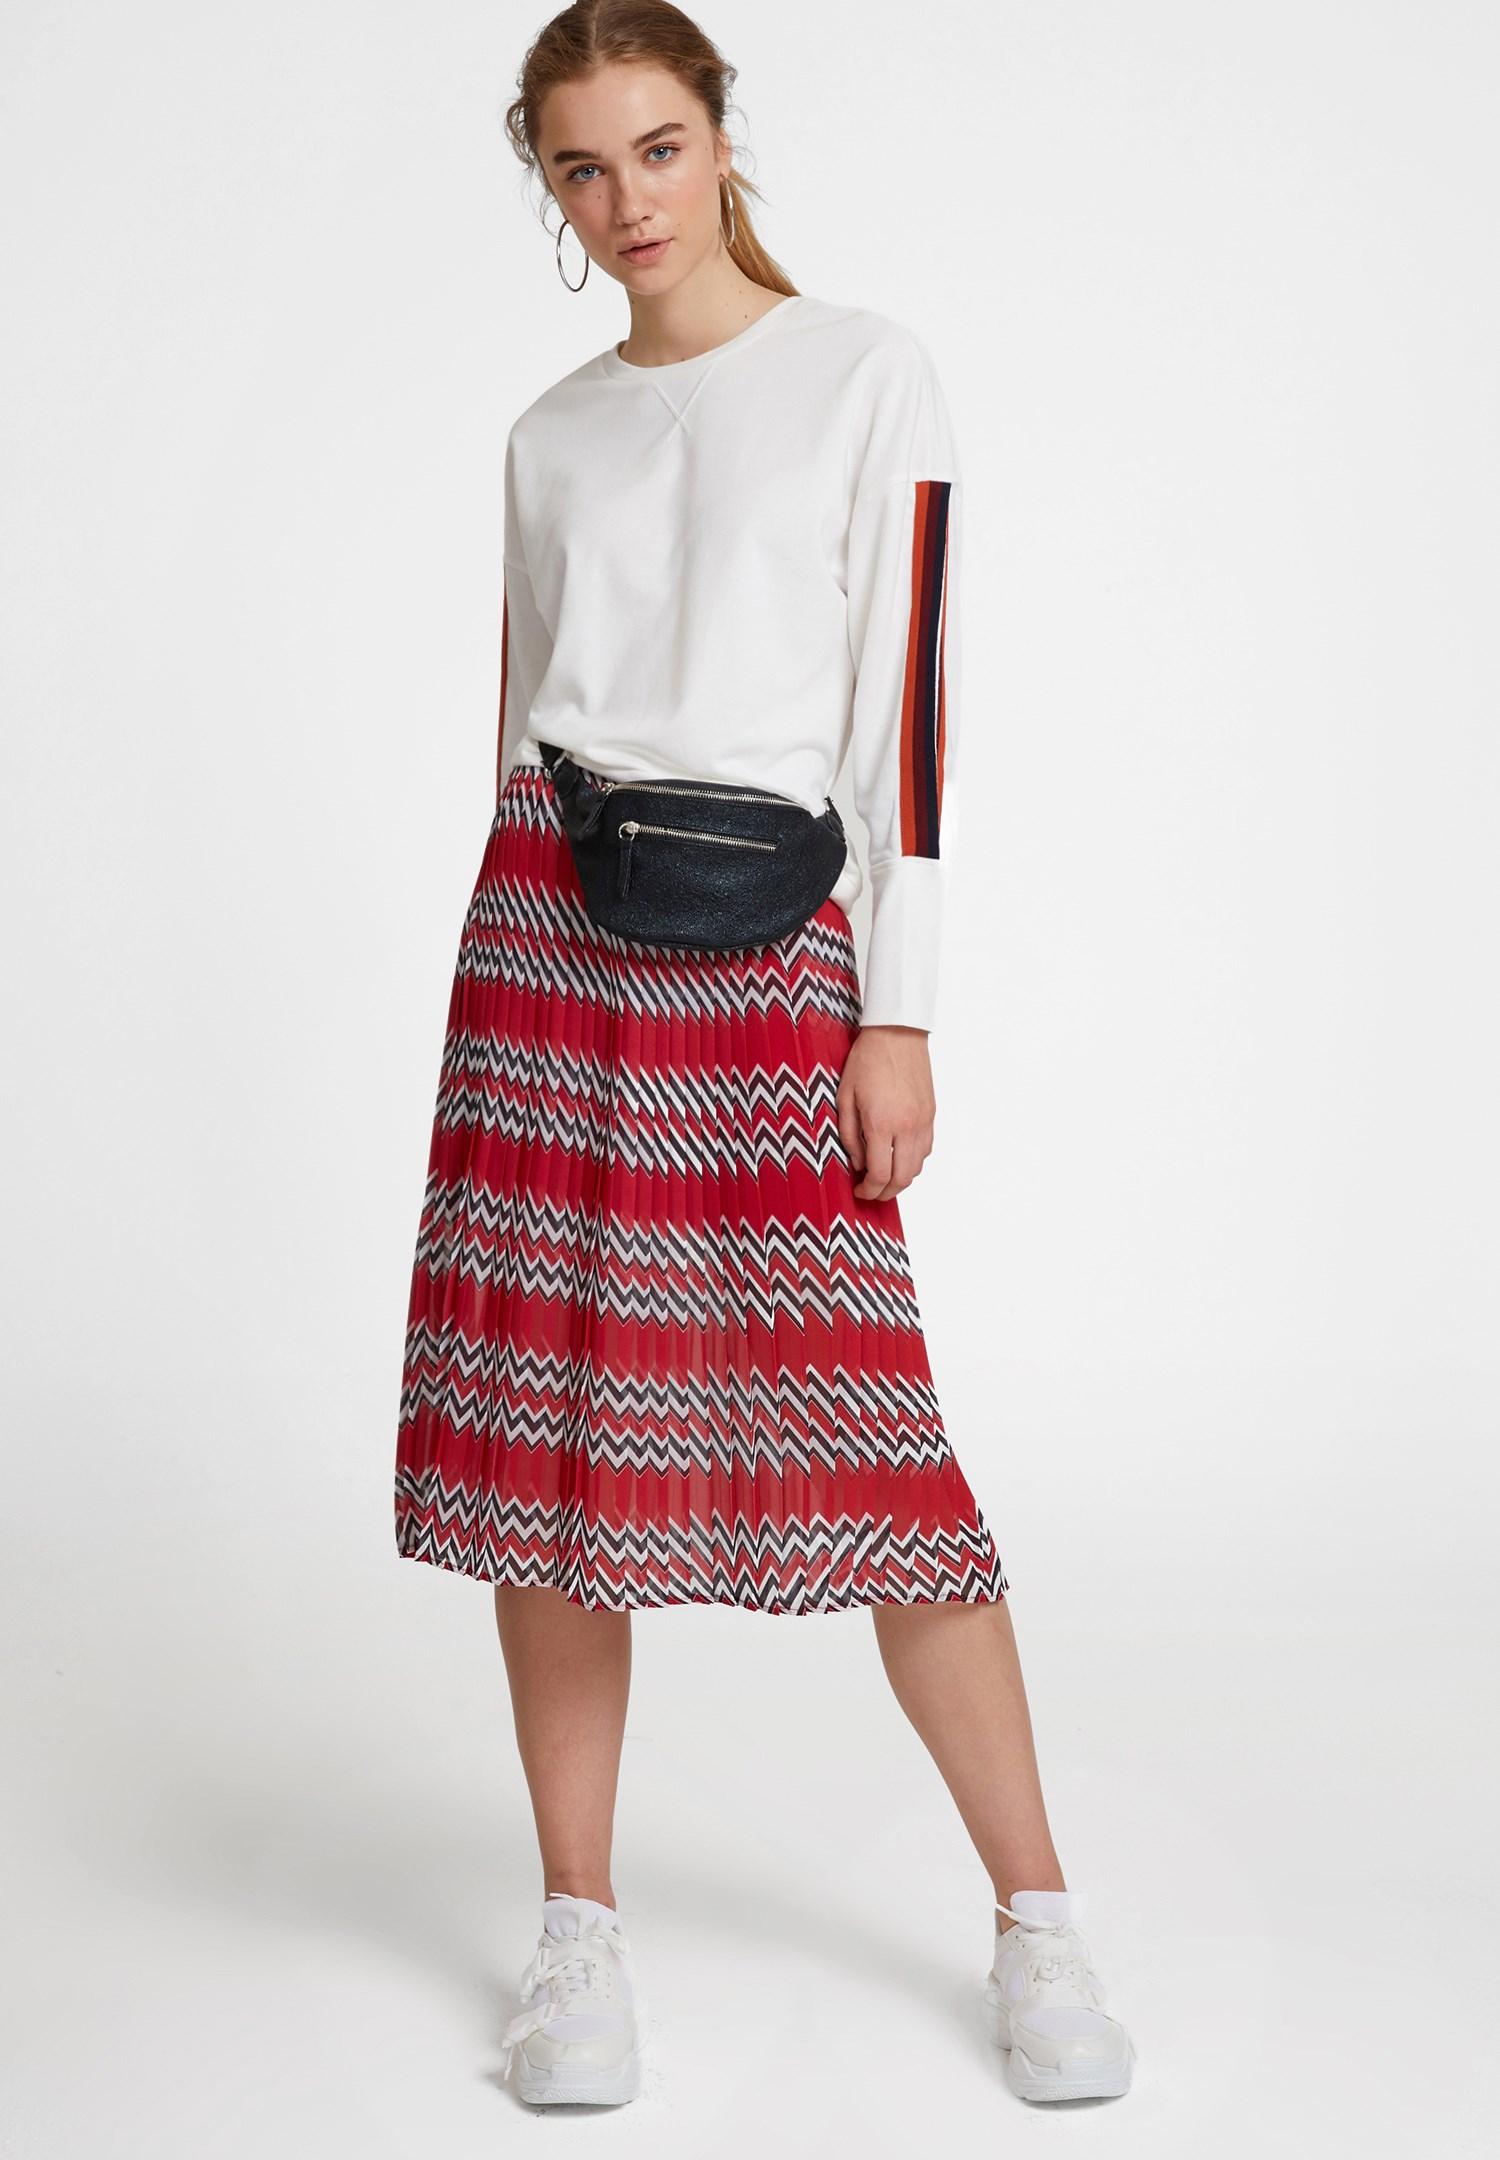 Bayan Krem Kolları Şeritli Sweatshirt